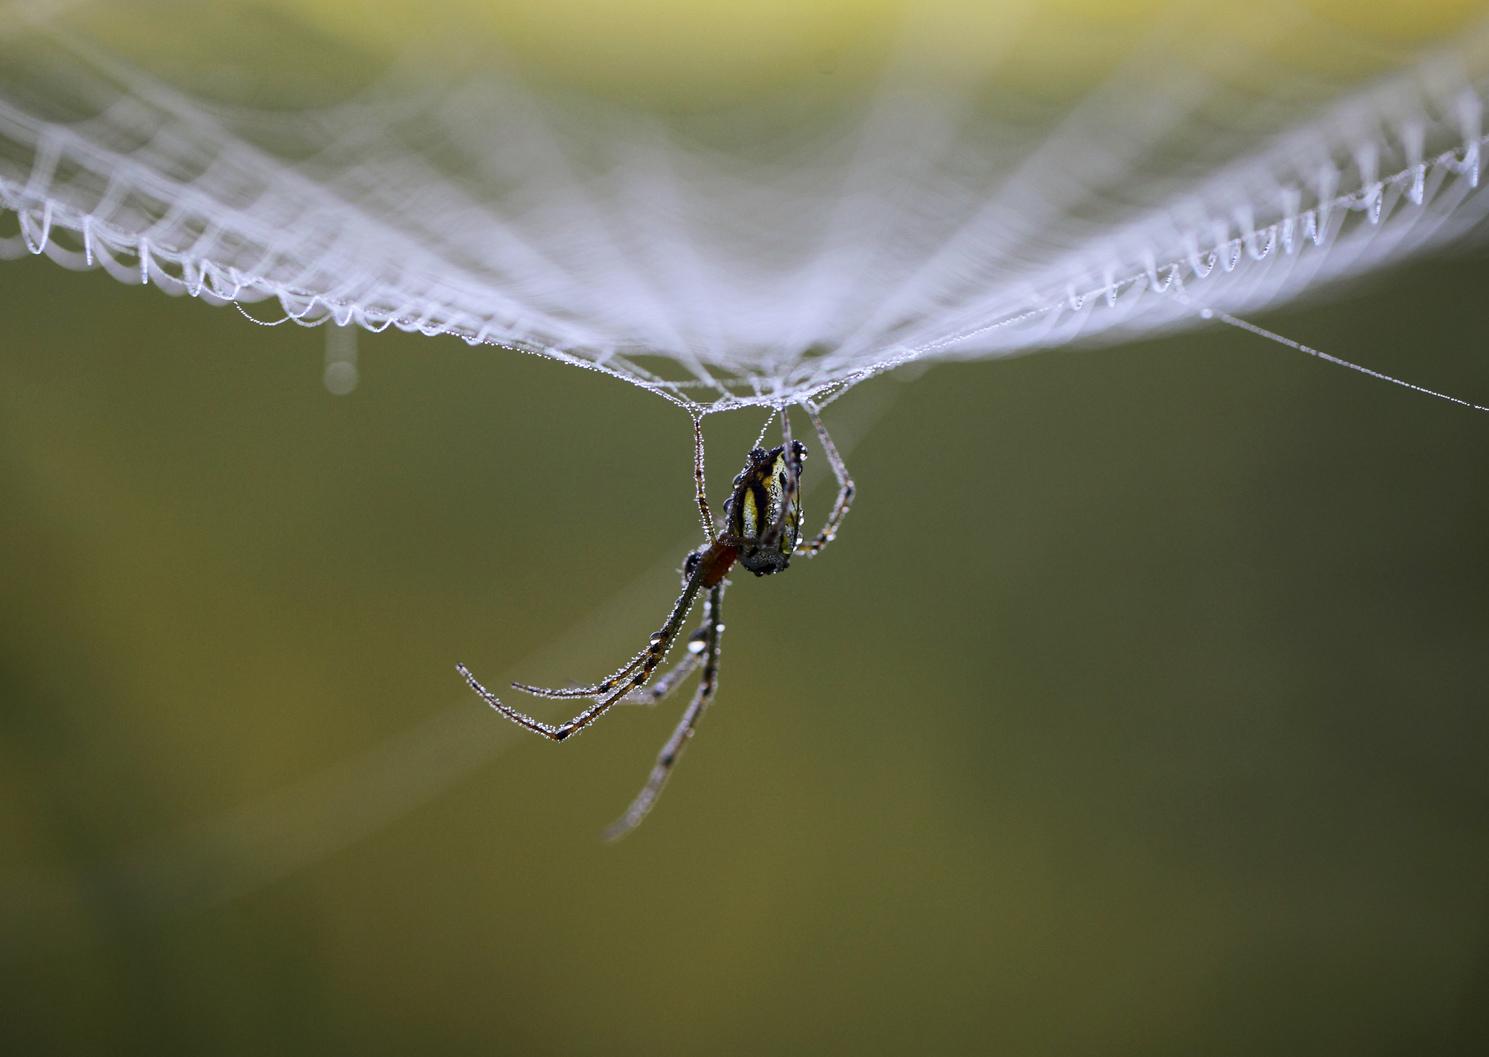 Harmatcseppek egy hálójában pihenő pókon Nepálban. (Fotó: Reuters/Navesh Chitrakar)